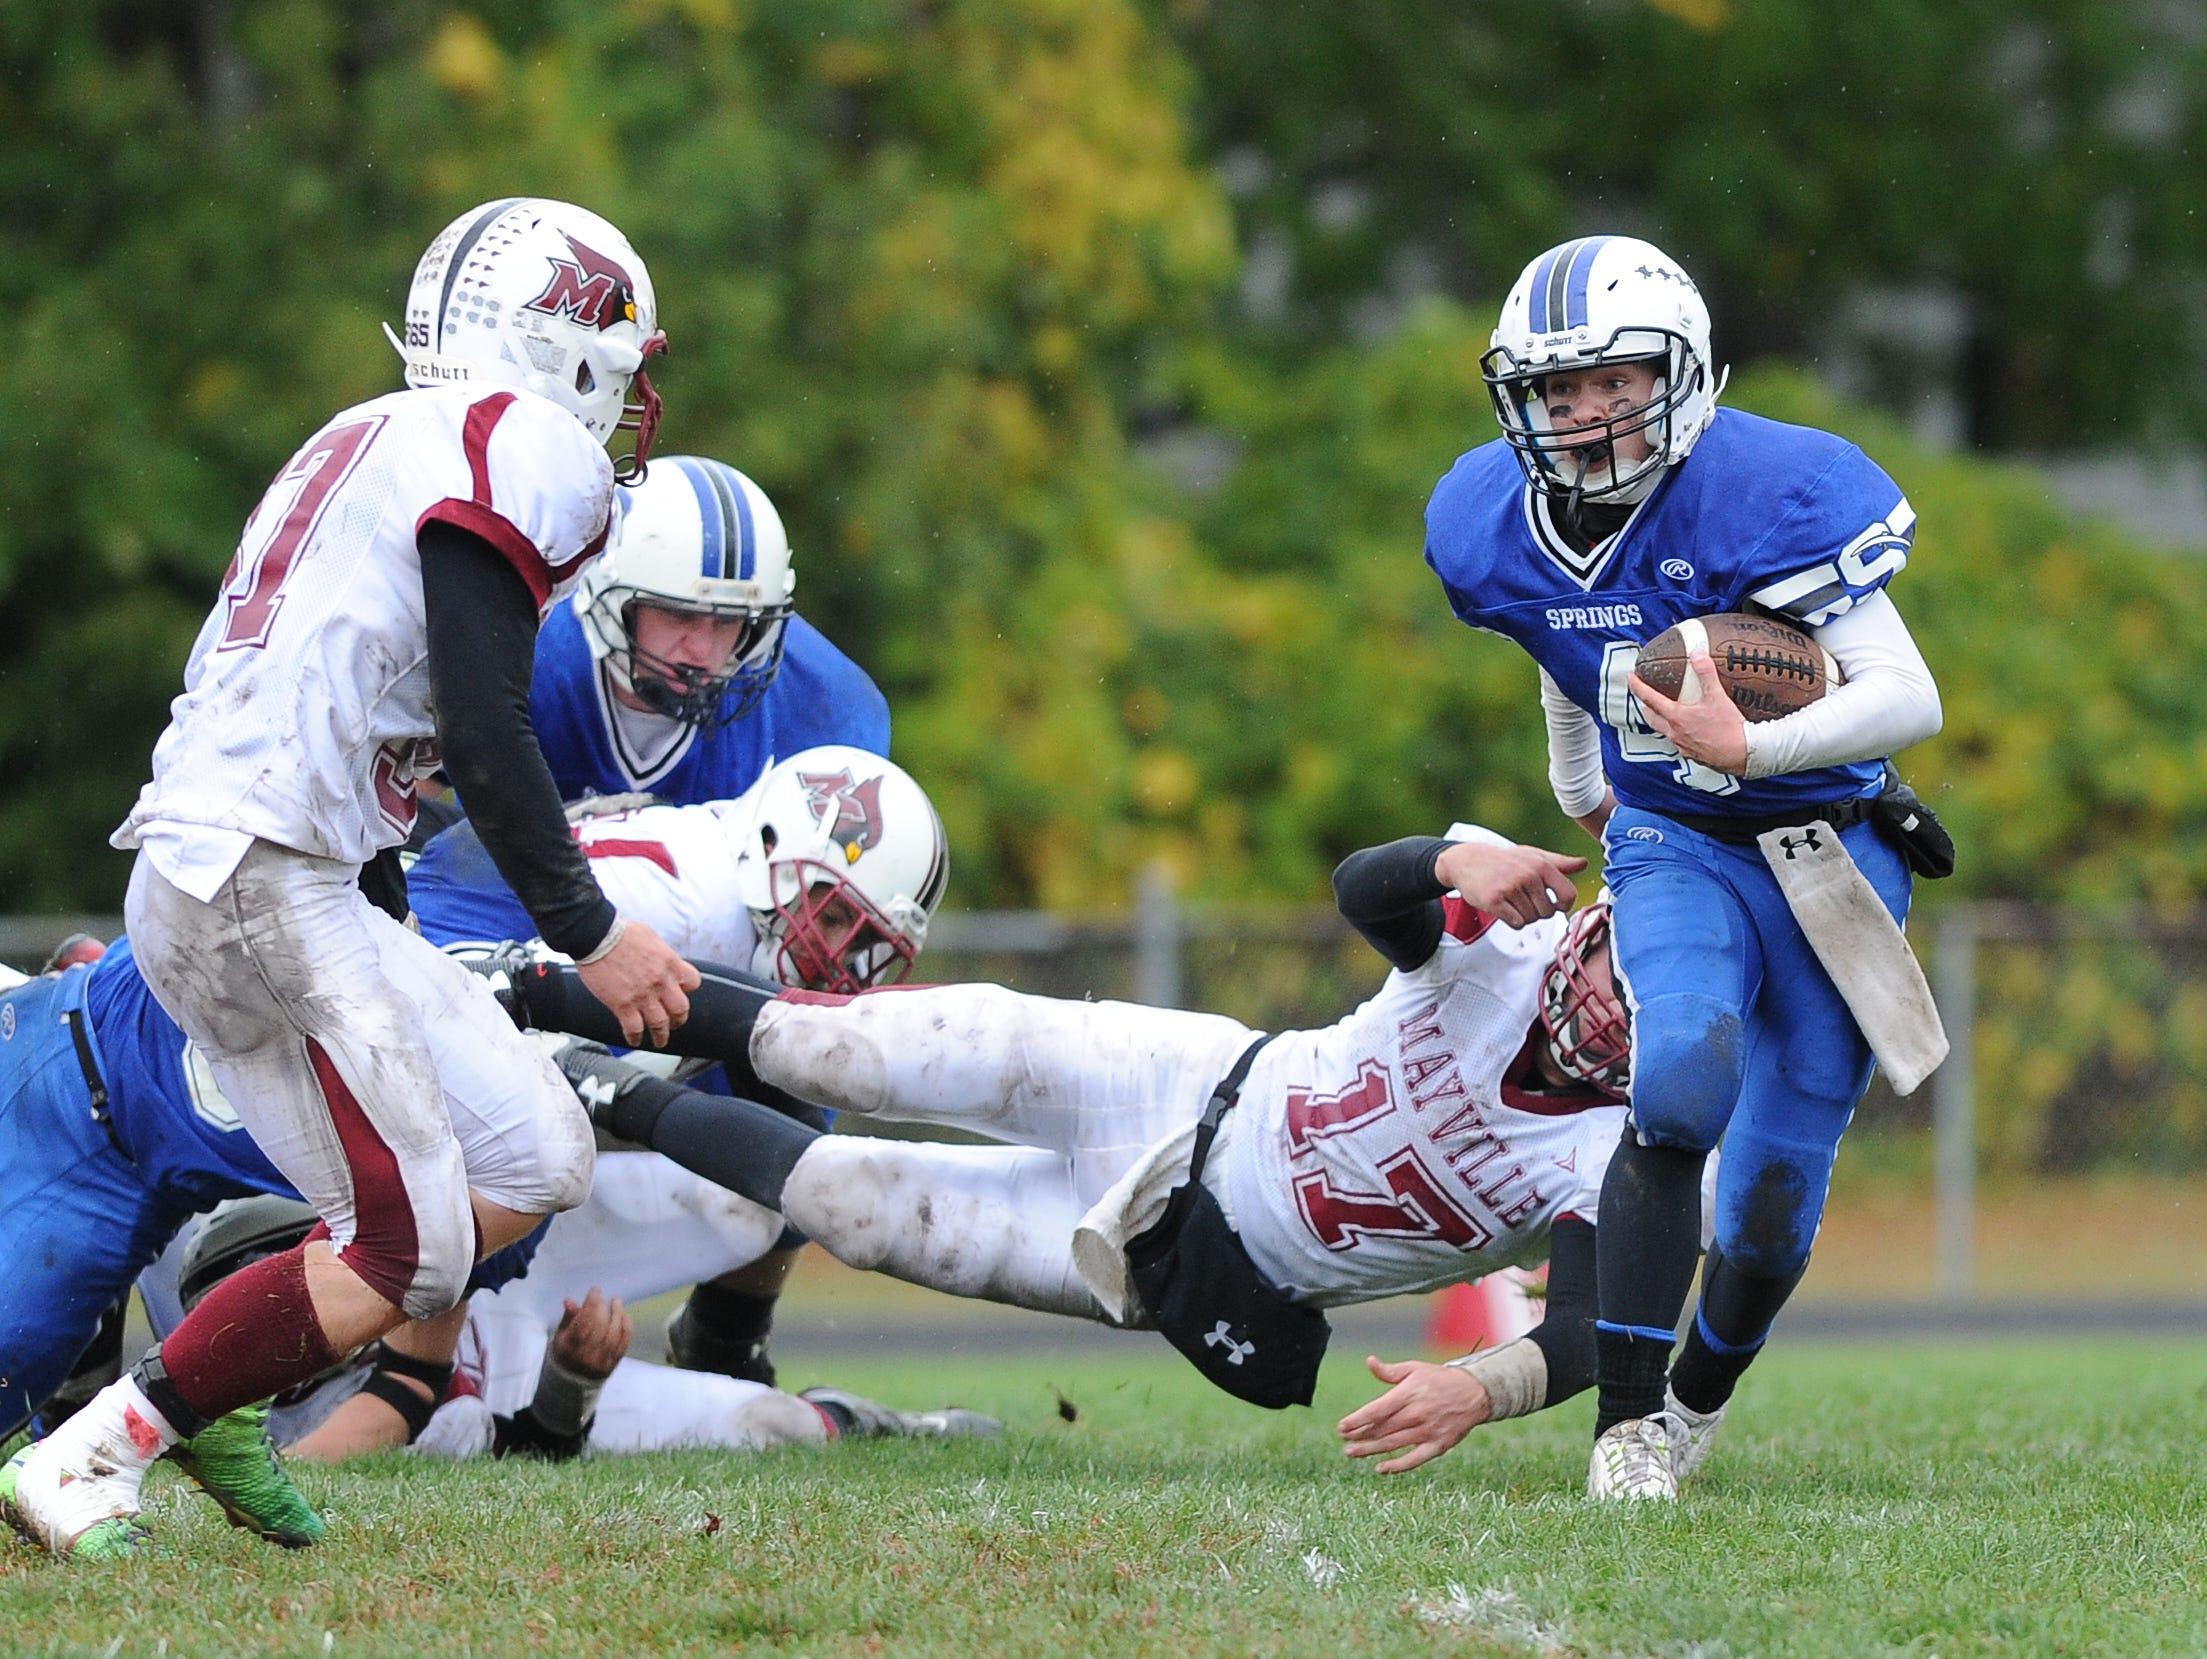 Springs vs. Mayville football.